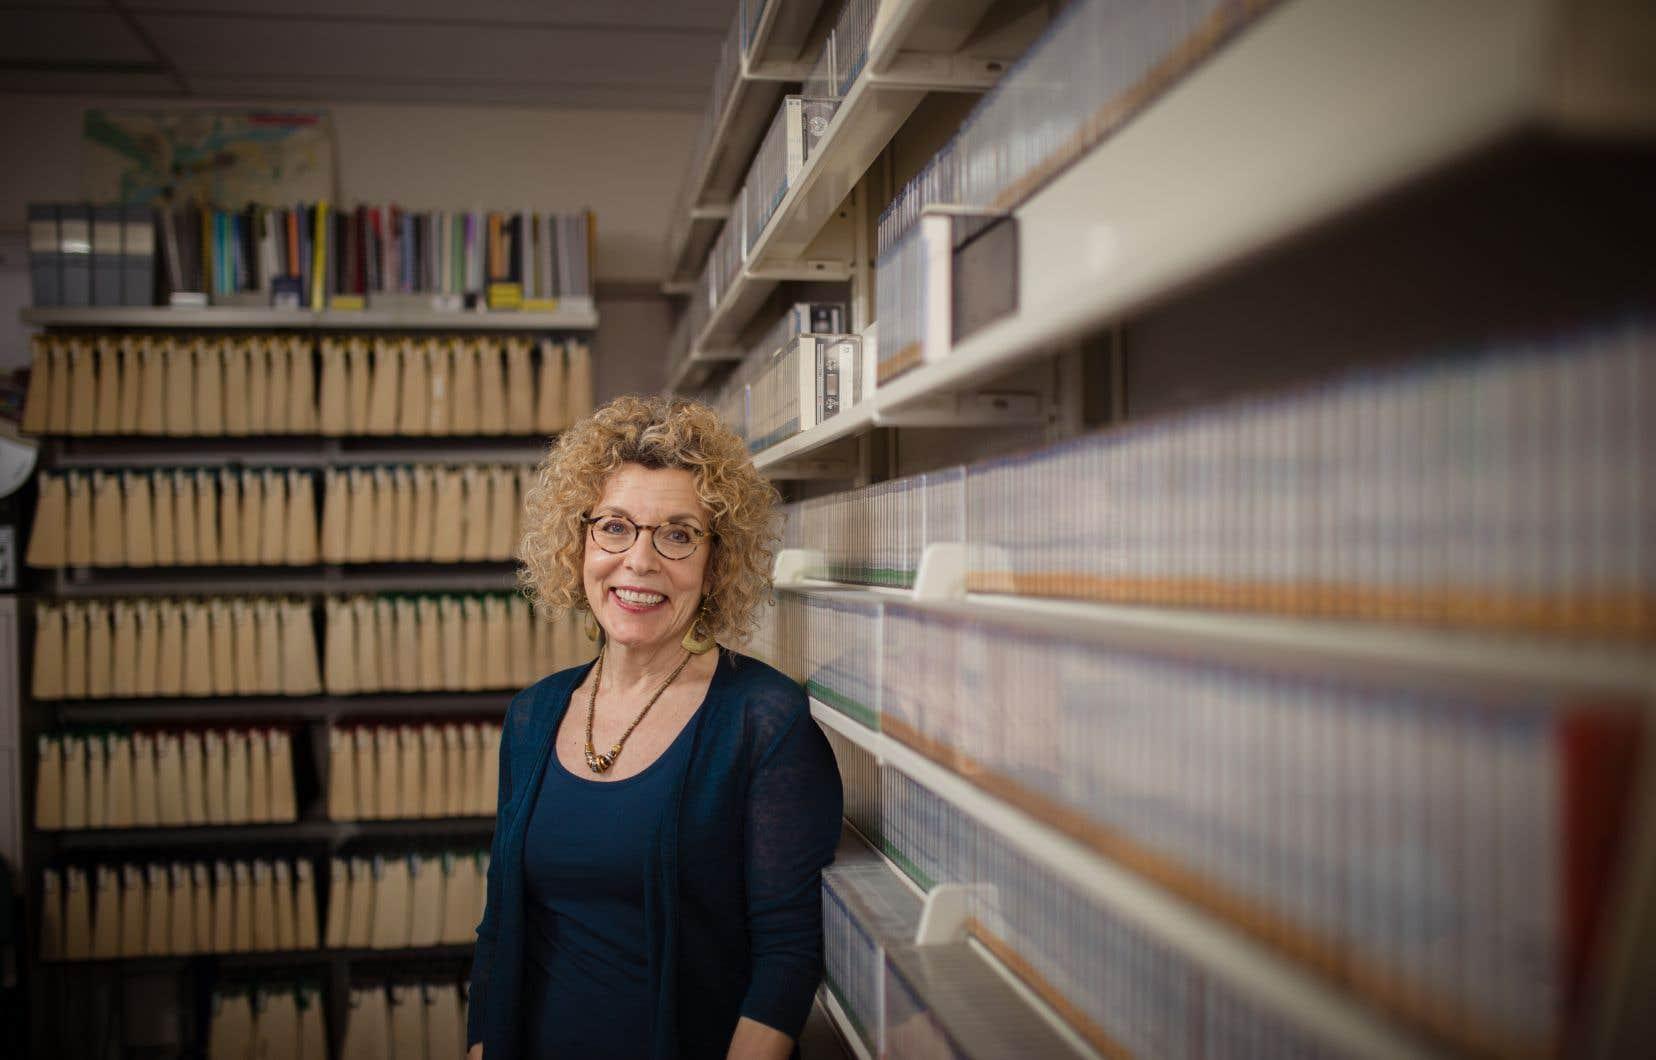 Avec son équipe, Shana Poplack a épluché plus de 163 grammaires françaises, publiées de1530 à1998, pour montrer à quel point la tradition grammaticale  est changeante, vague et contradictoire.